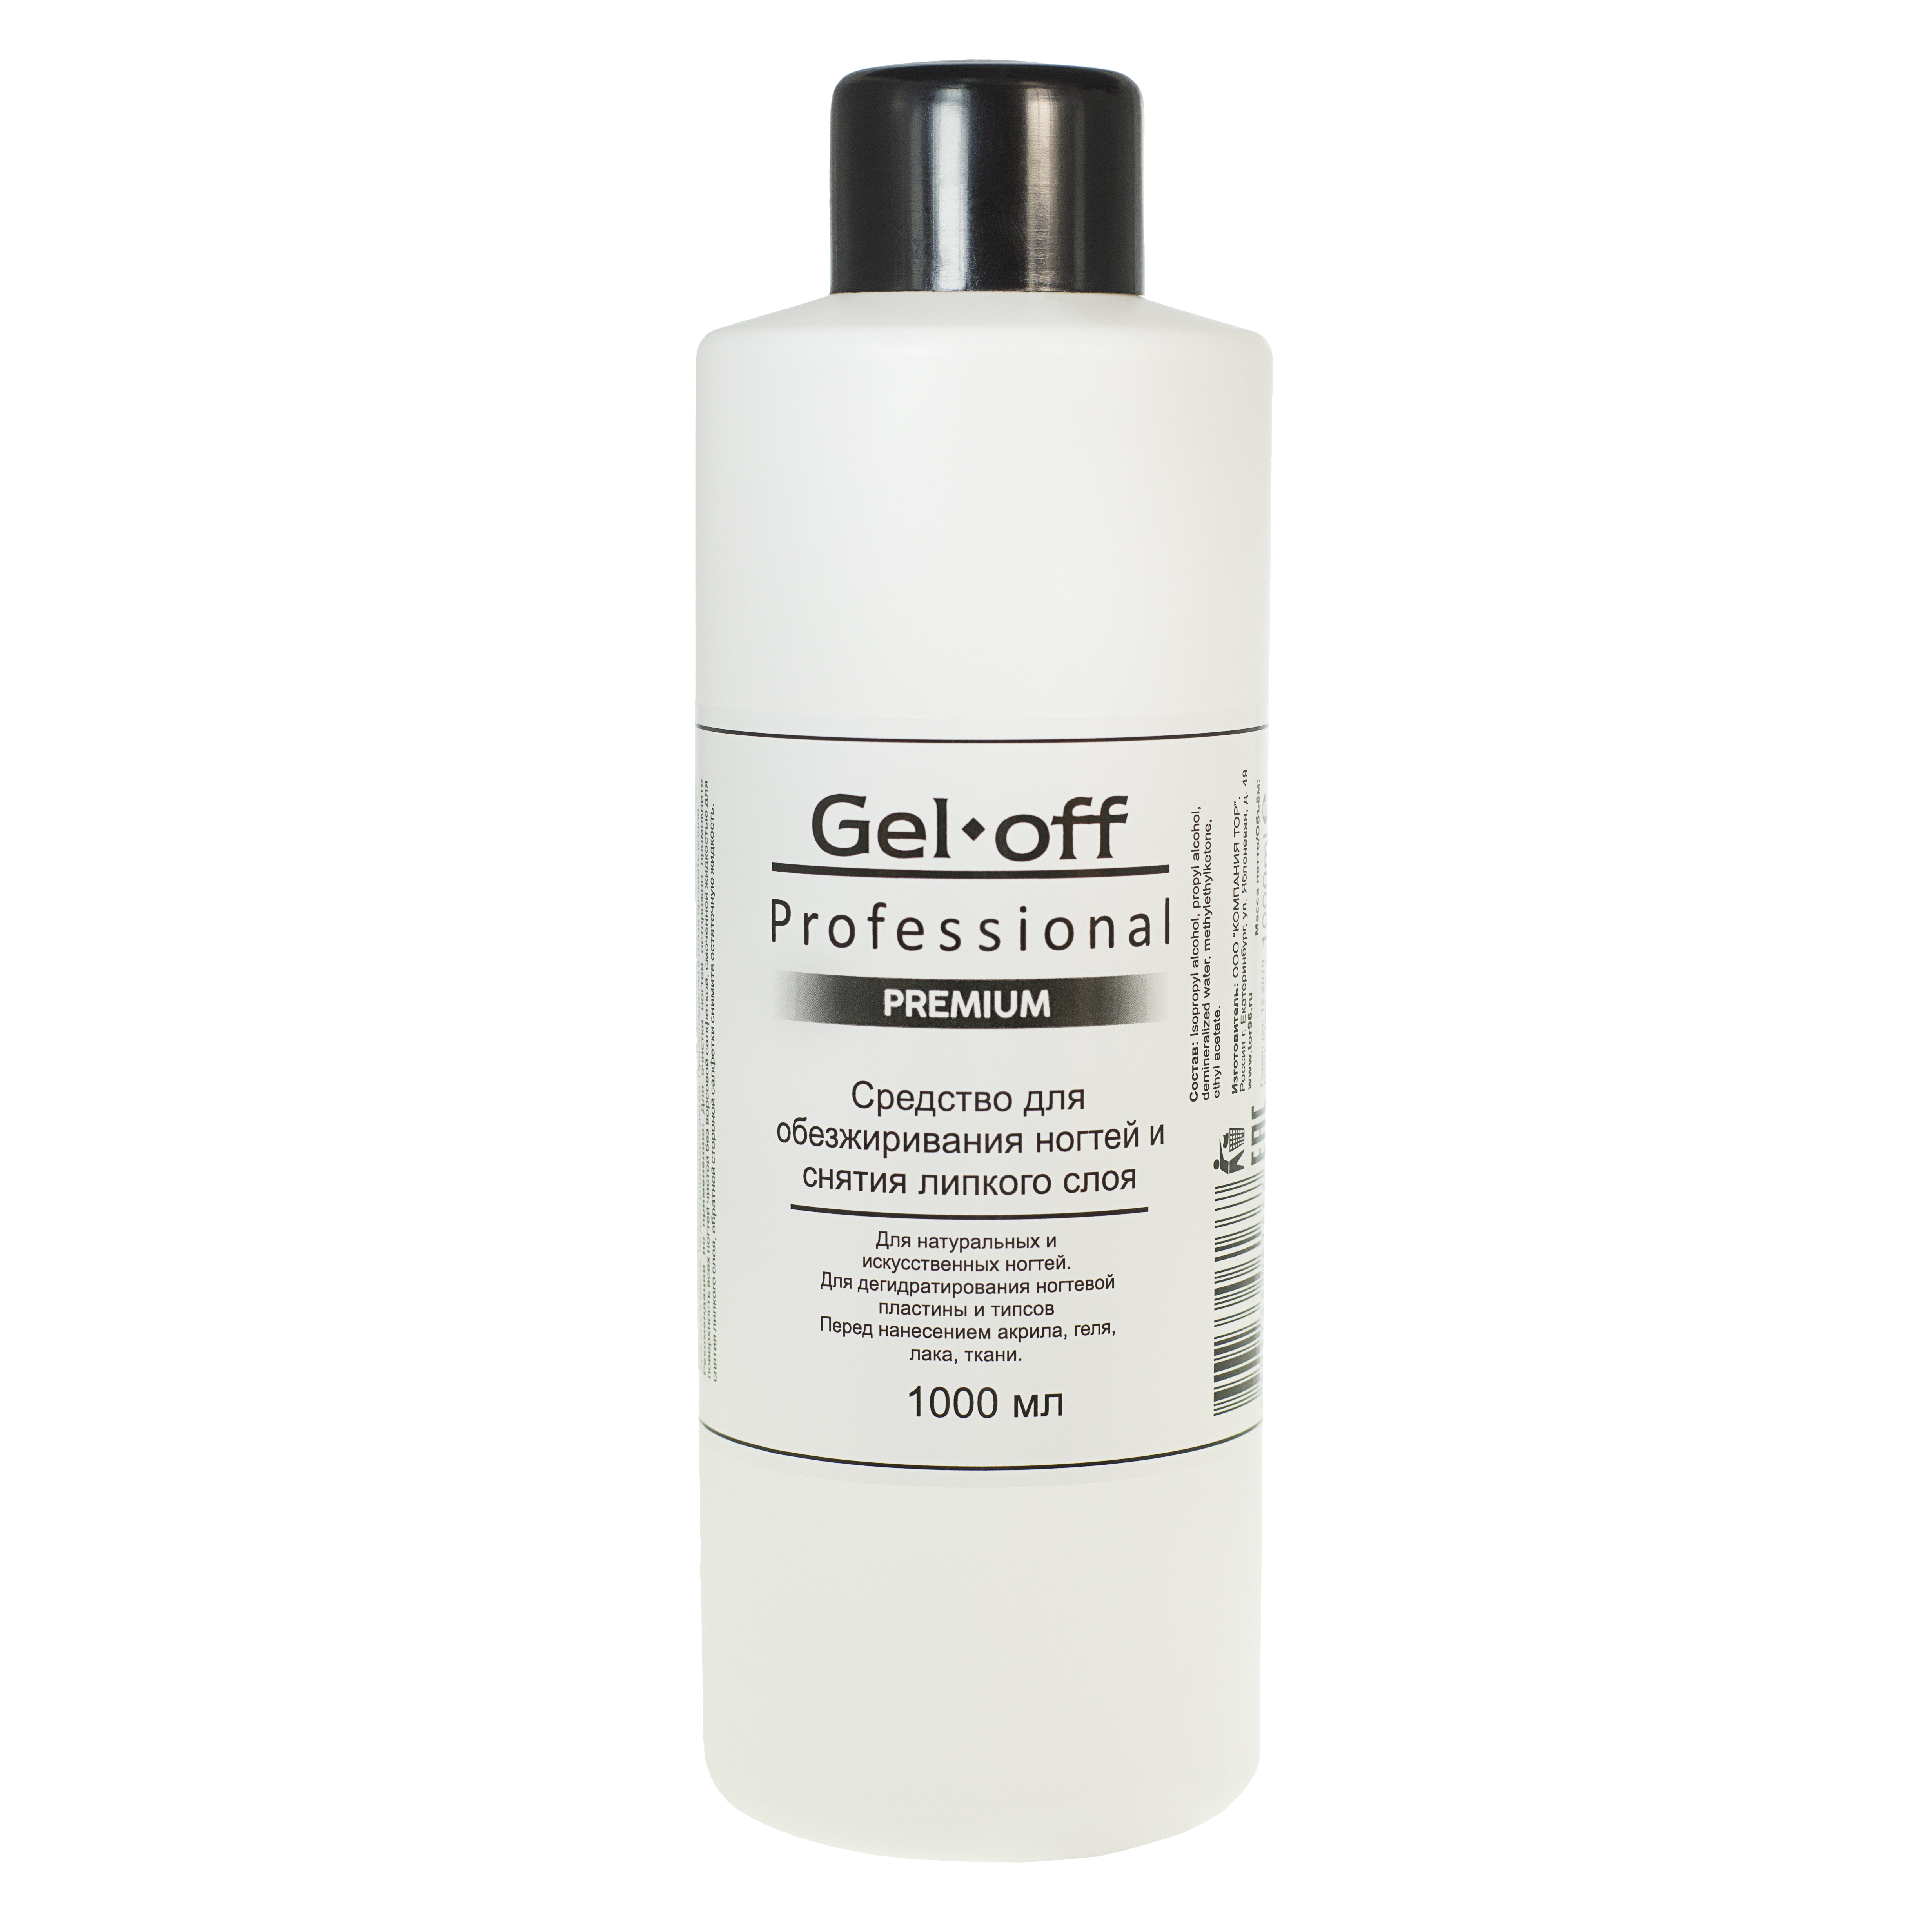 GEL-OFF Средство для обезжиривания ногтей и снятия липкого слоя / Gel Off Professional Premium 1000 мл - Особые средства